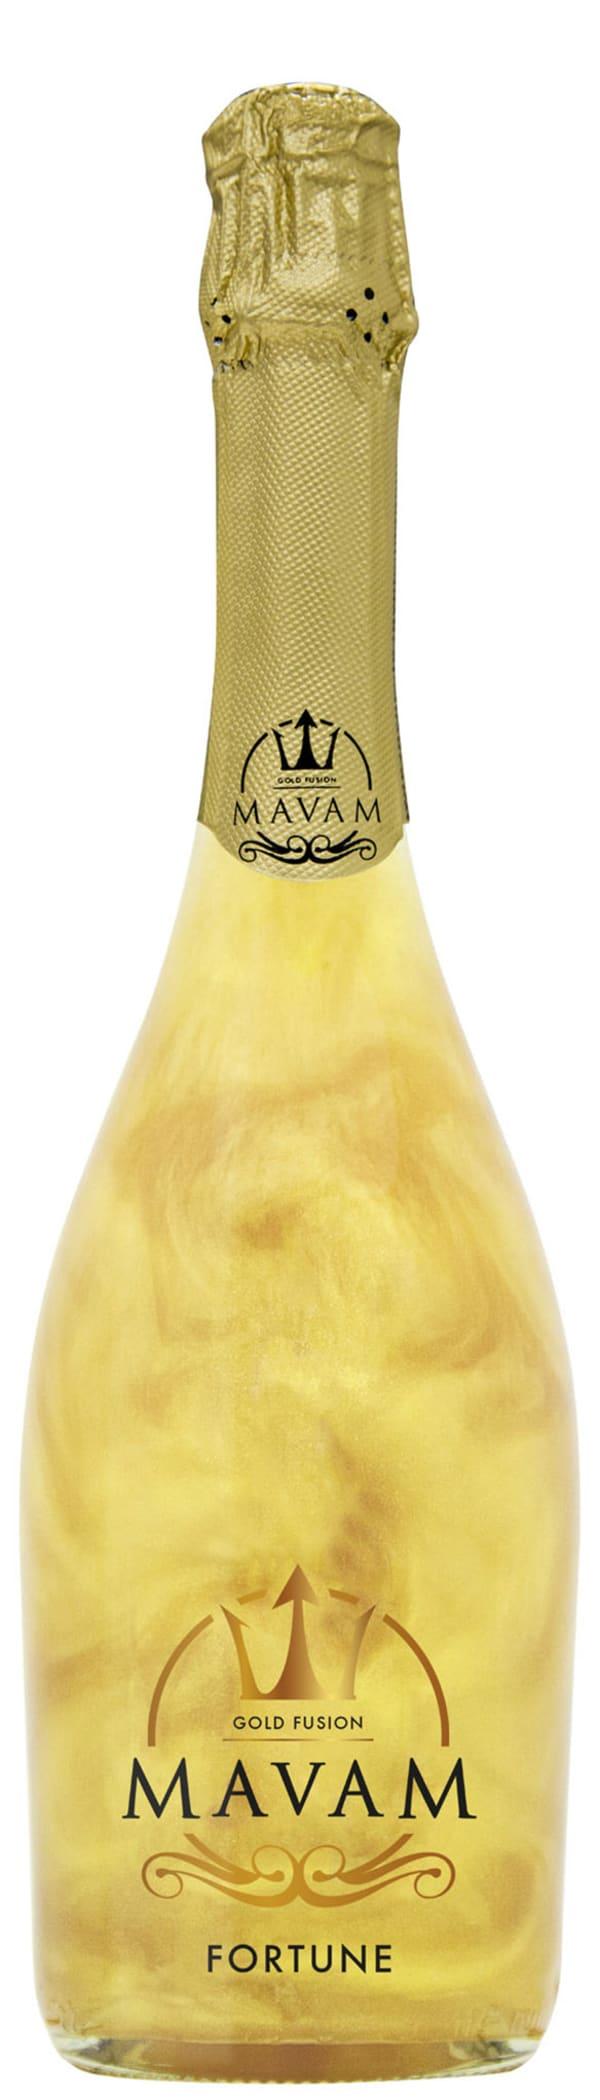 Mavam Fortune Gold Fusion